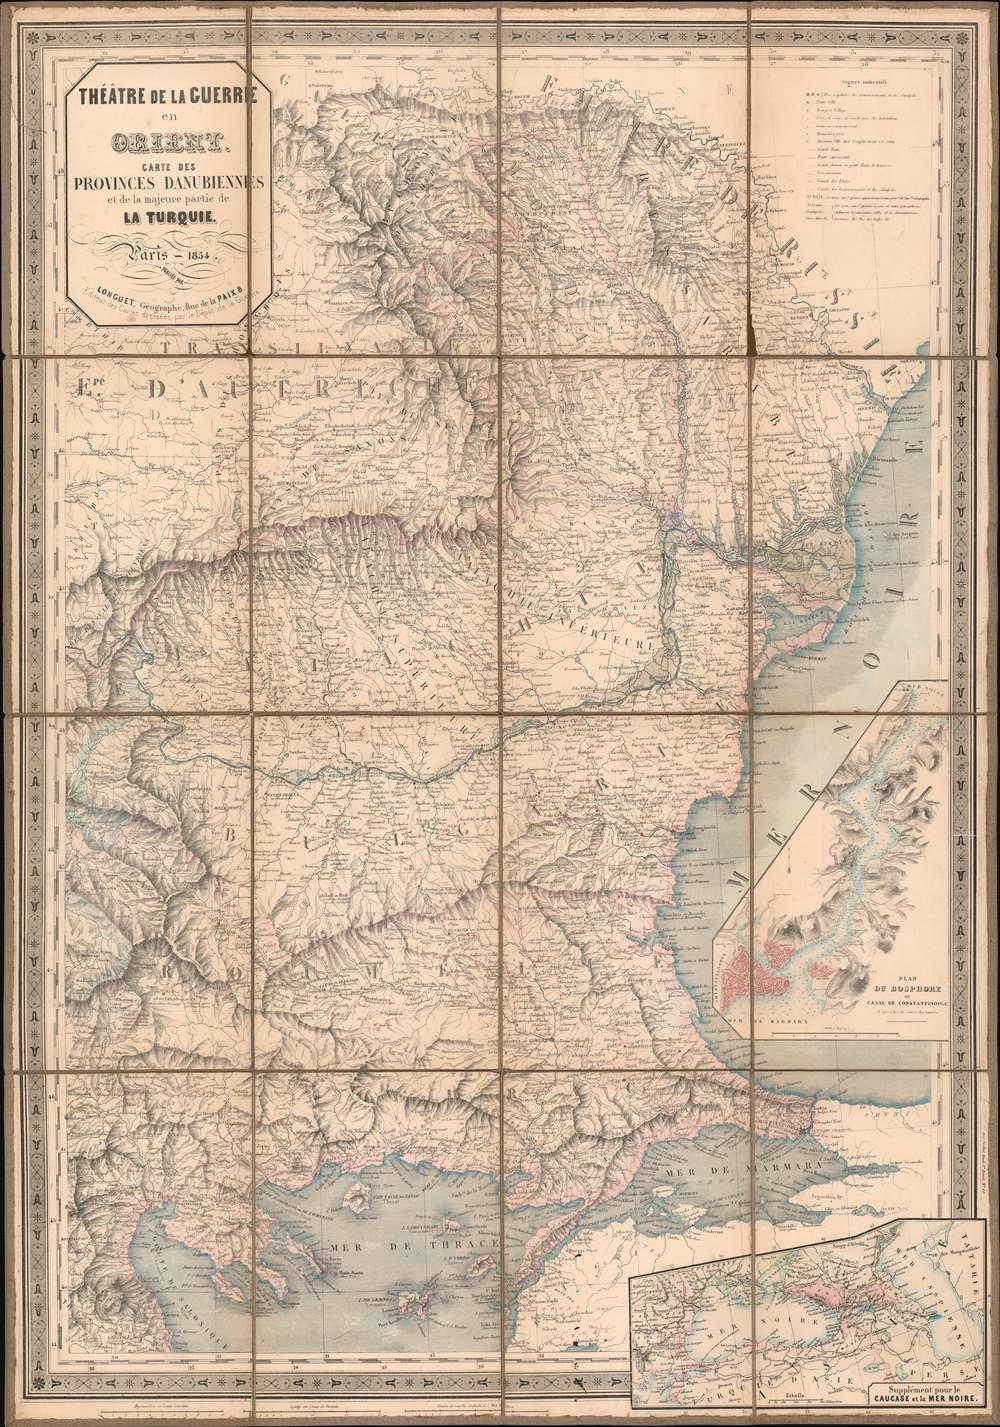 Théâtre de la Guerre en Orient. Carte des Provinces Danubiennes et de la majeure partie de la Turquie. - Main View